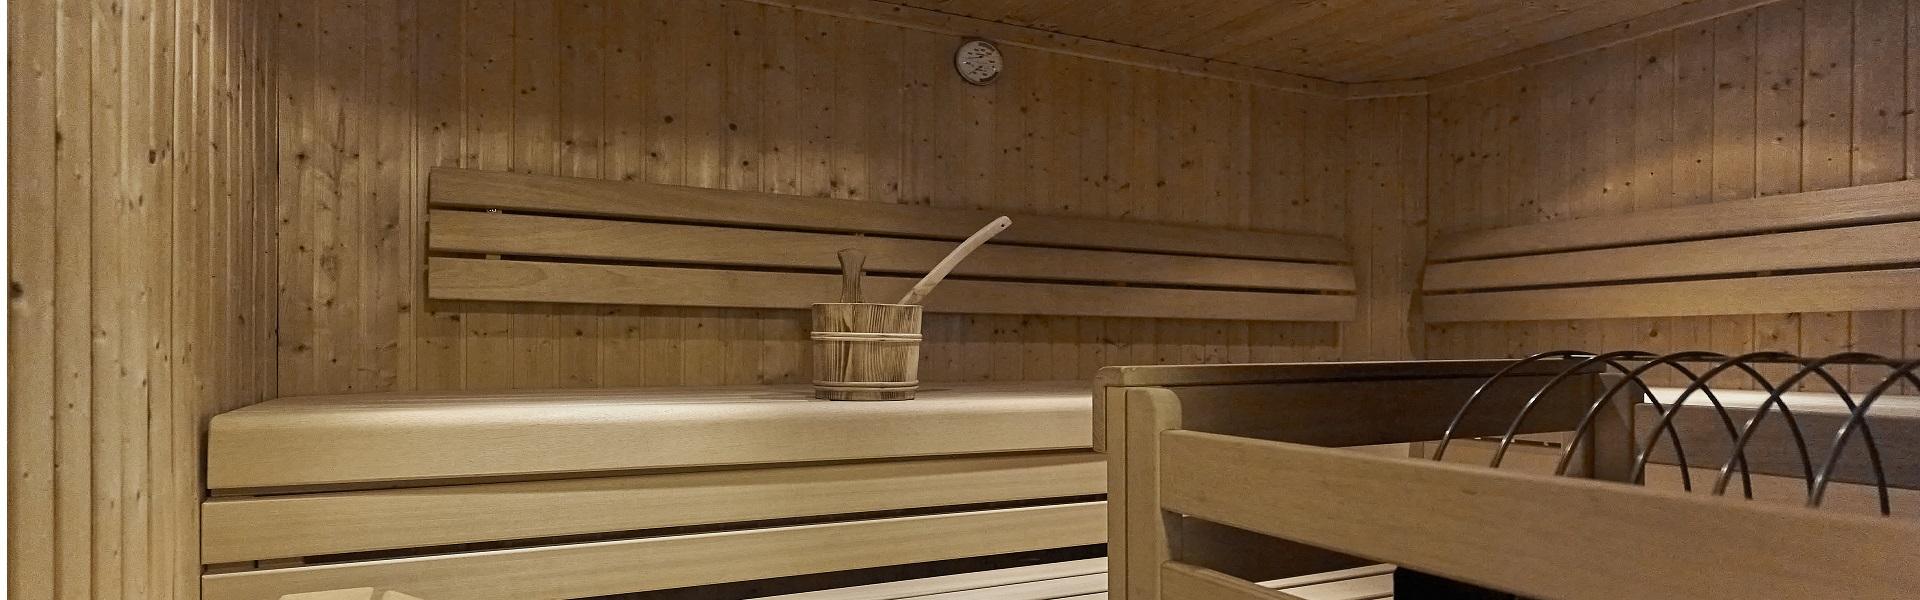 Tirol Camping Sauna Ötztal